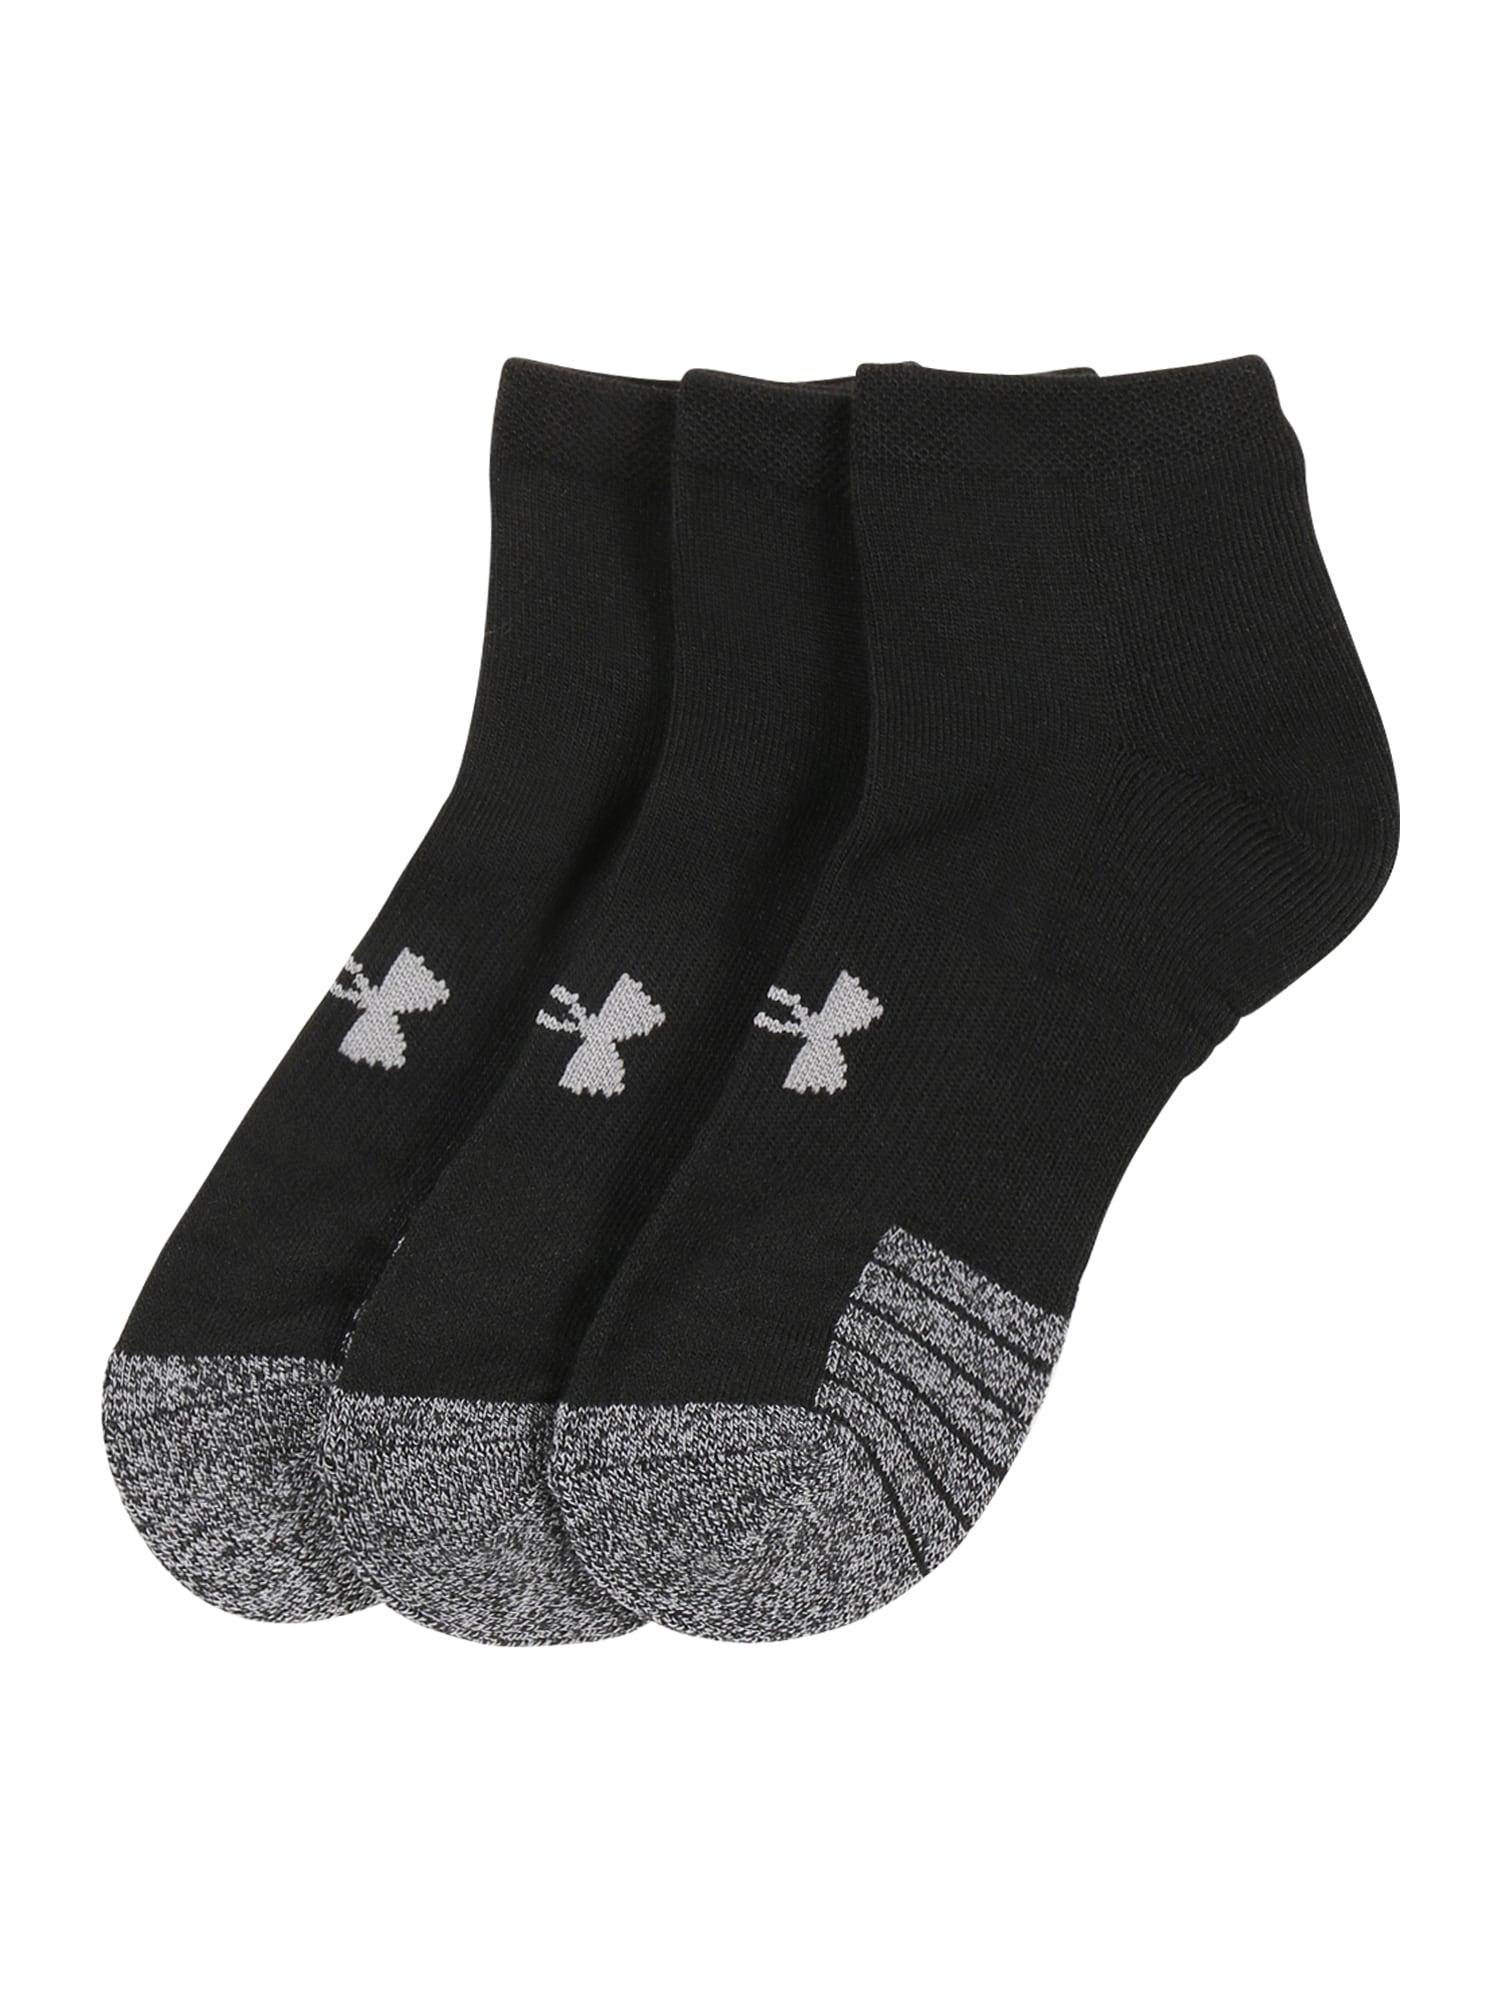 UNDER ARMOUR Sportinės kojinės juoda / margai pilka / šviesiai pilka